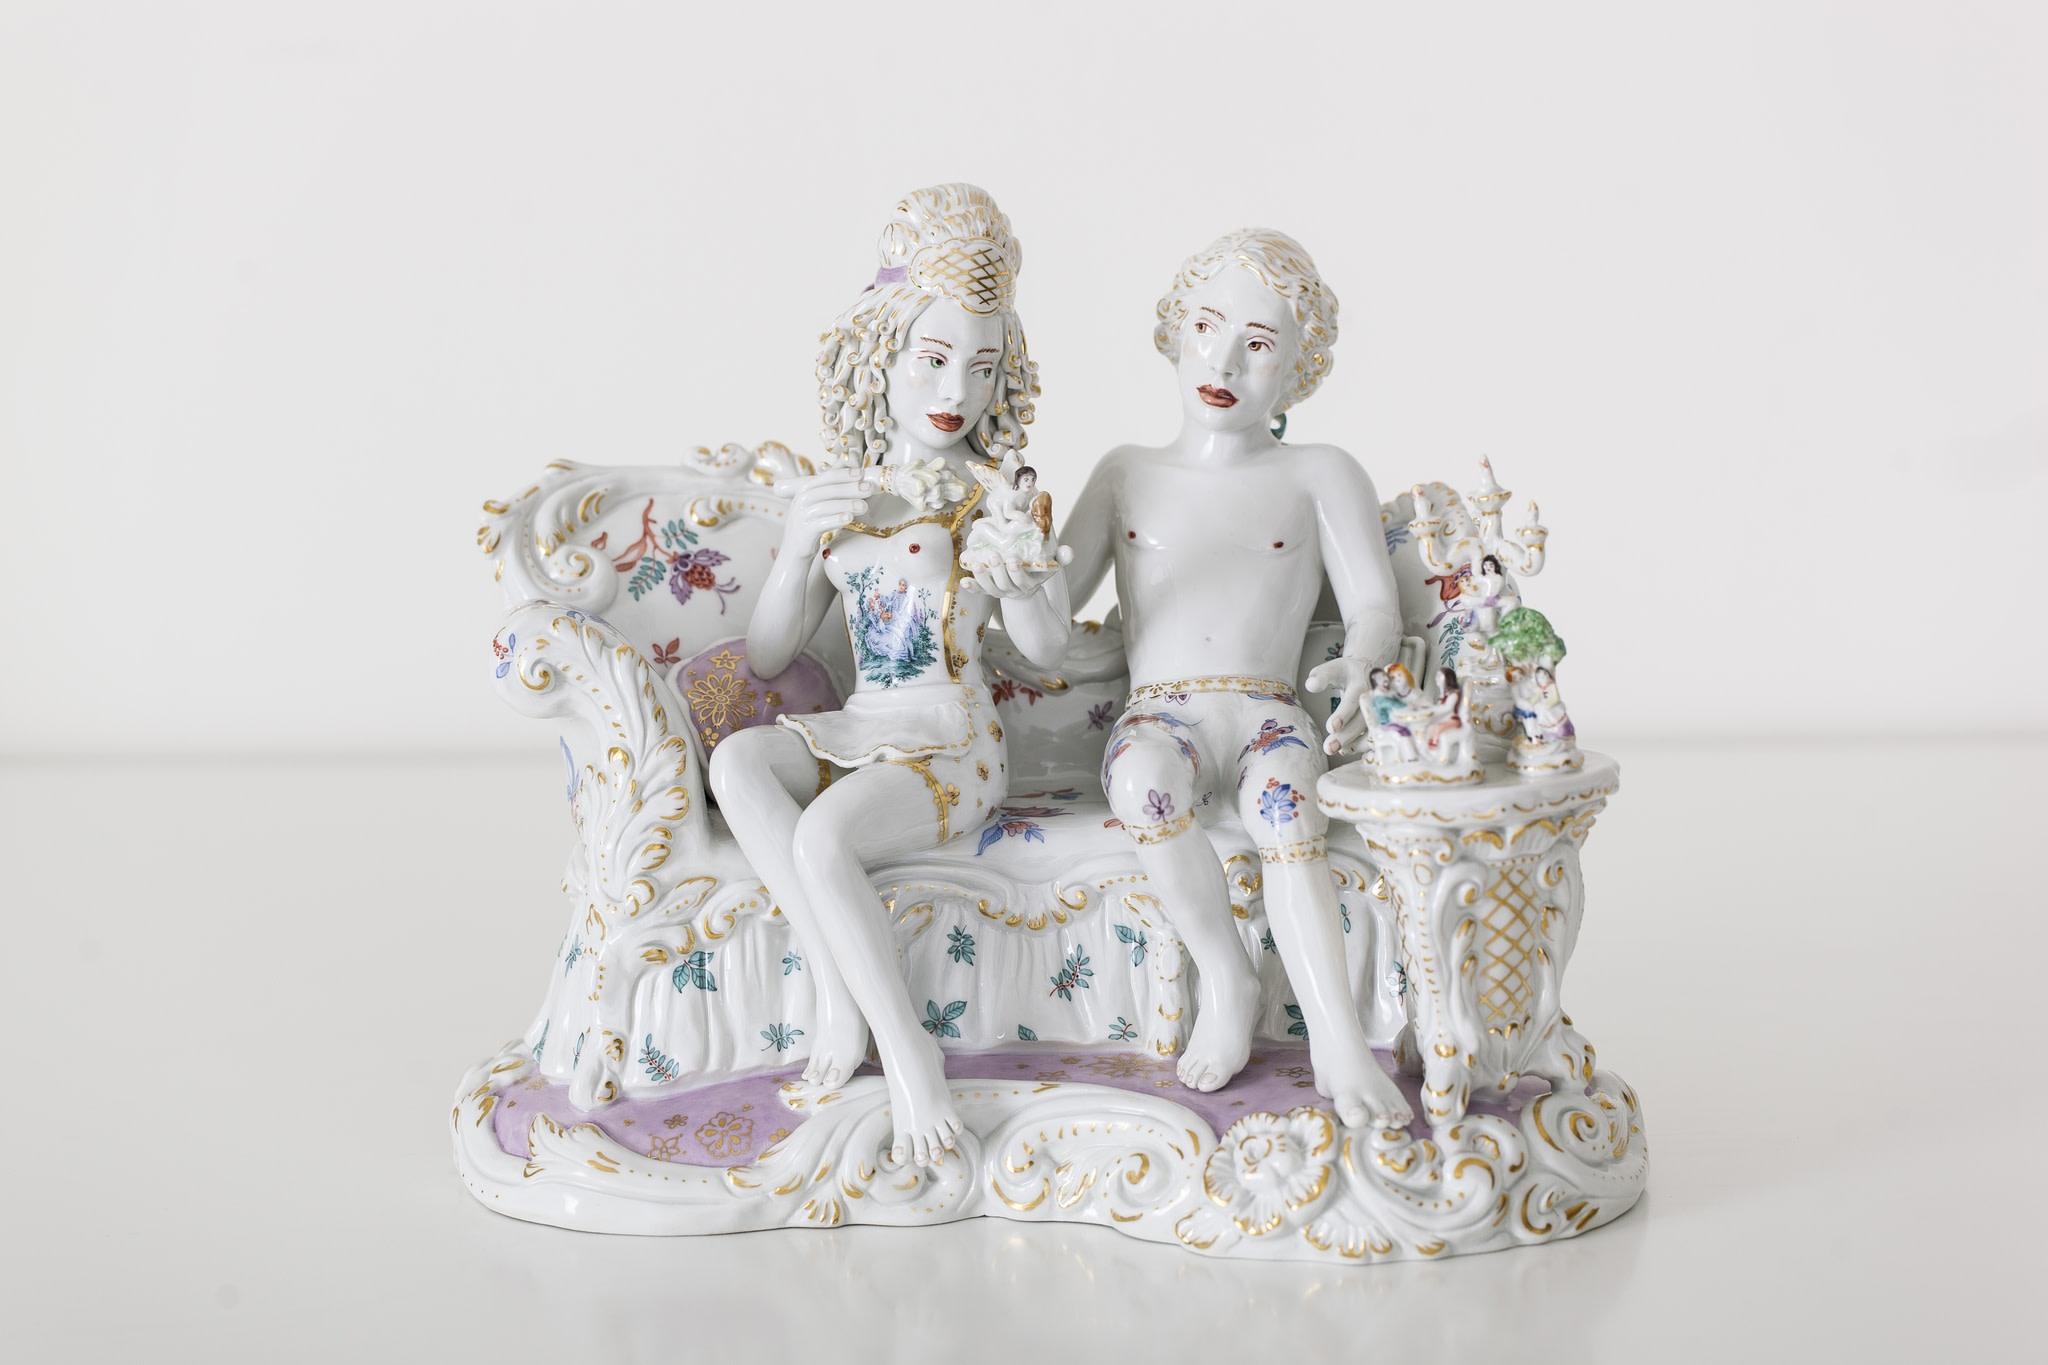 """<span class=""""link fancybox-details-link""""><a href=""""/exhibitions/25/works/artworks329/"""">View Detail Page</a></span><div class=""""artist""""><strong>Chris Antemann</strong></div><div class=""""title""""><em>Delicate Domain</em>, 2014</div><div class=""""medium"""">Meissen Porcelain</div><div class=""""dimensions"""">26 x 32 x 20 cm<br>10 1/4 x 12 5/8 x 7 7/8 in.</div><div class=""""edition_details"""">Edition of 25 plus 2 artist's proofs</div>"""